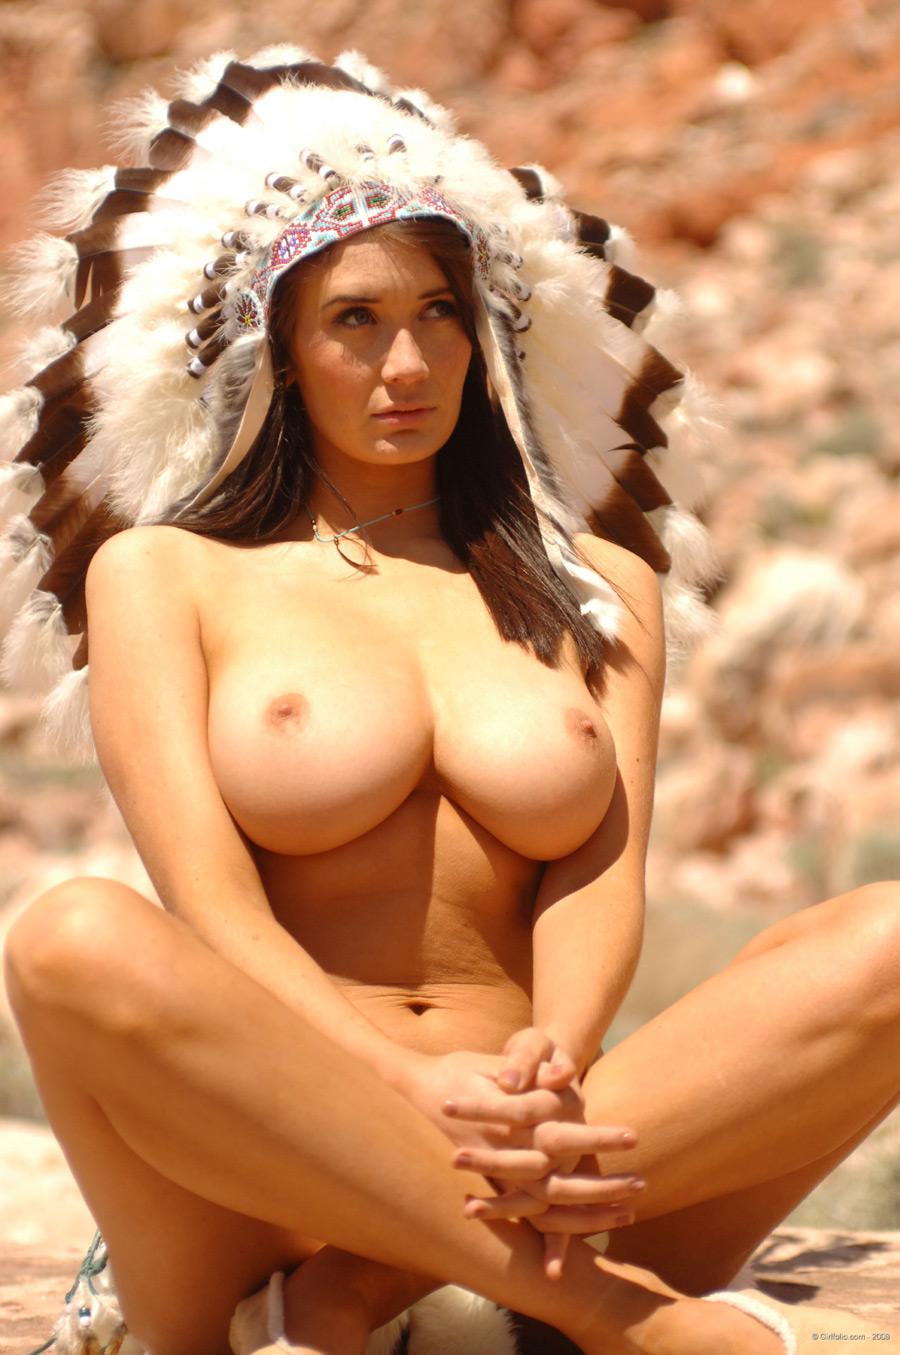 Фото голые девушки индейцы 10 фотография